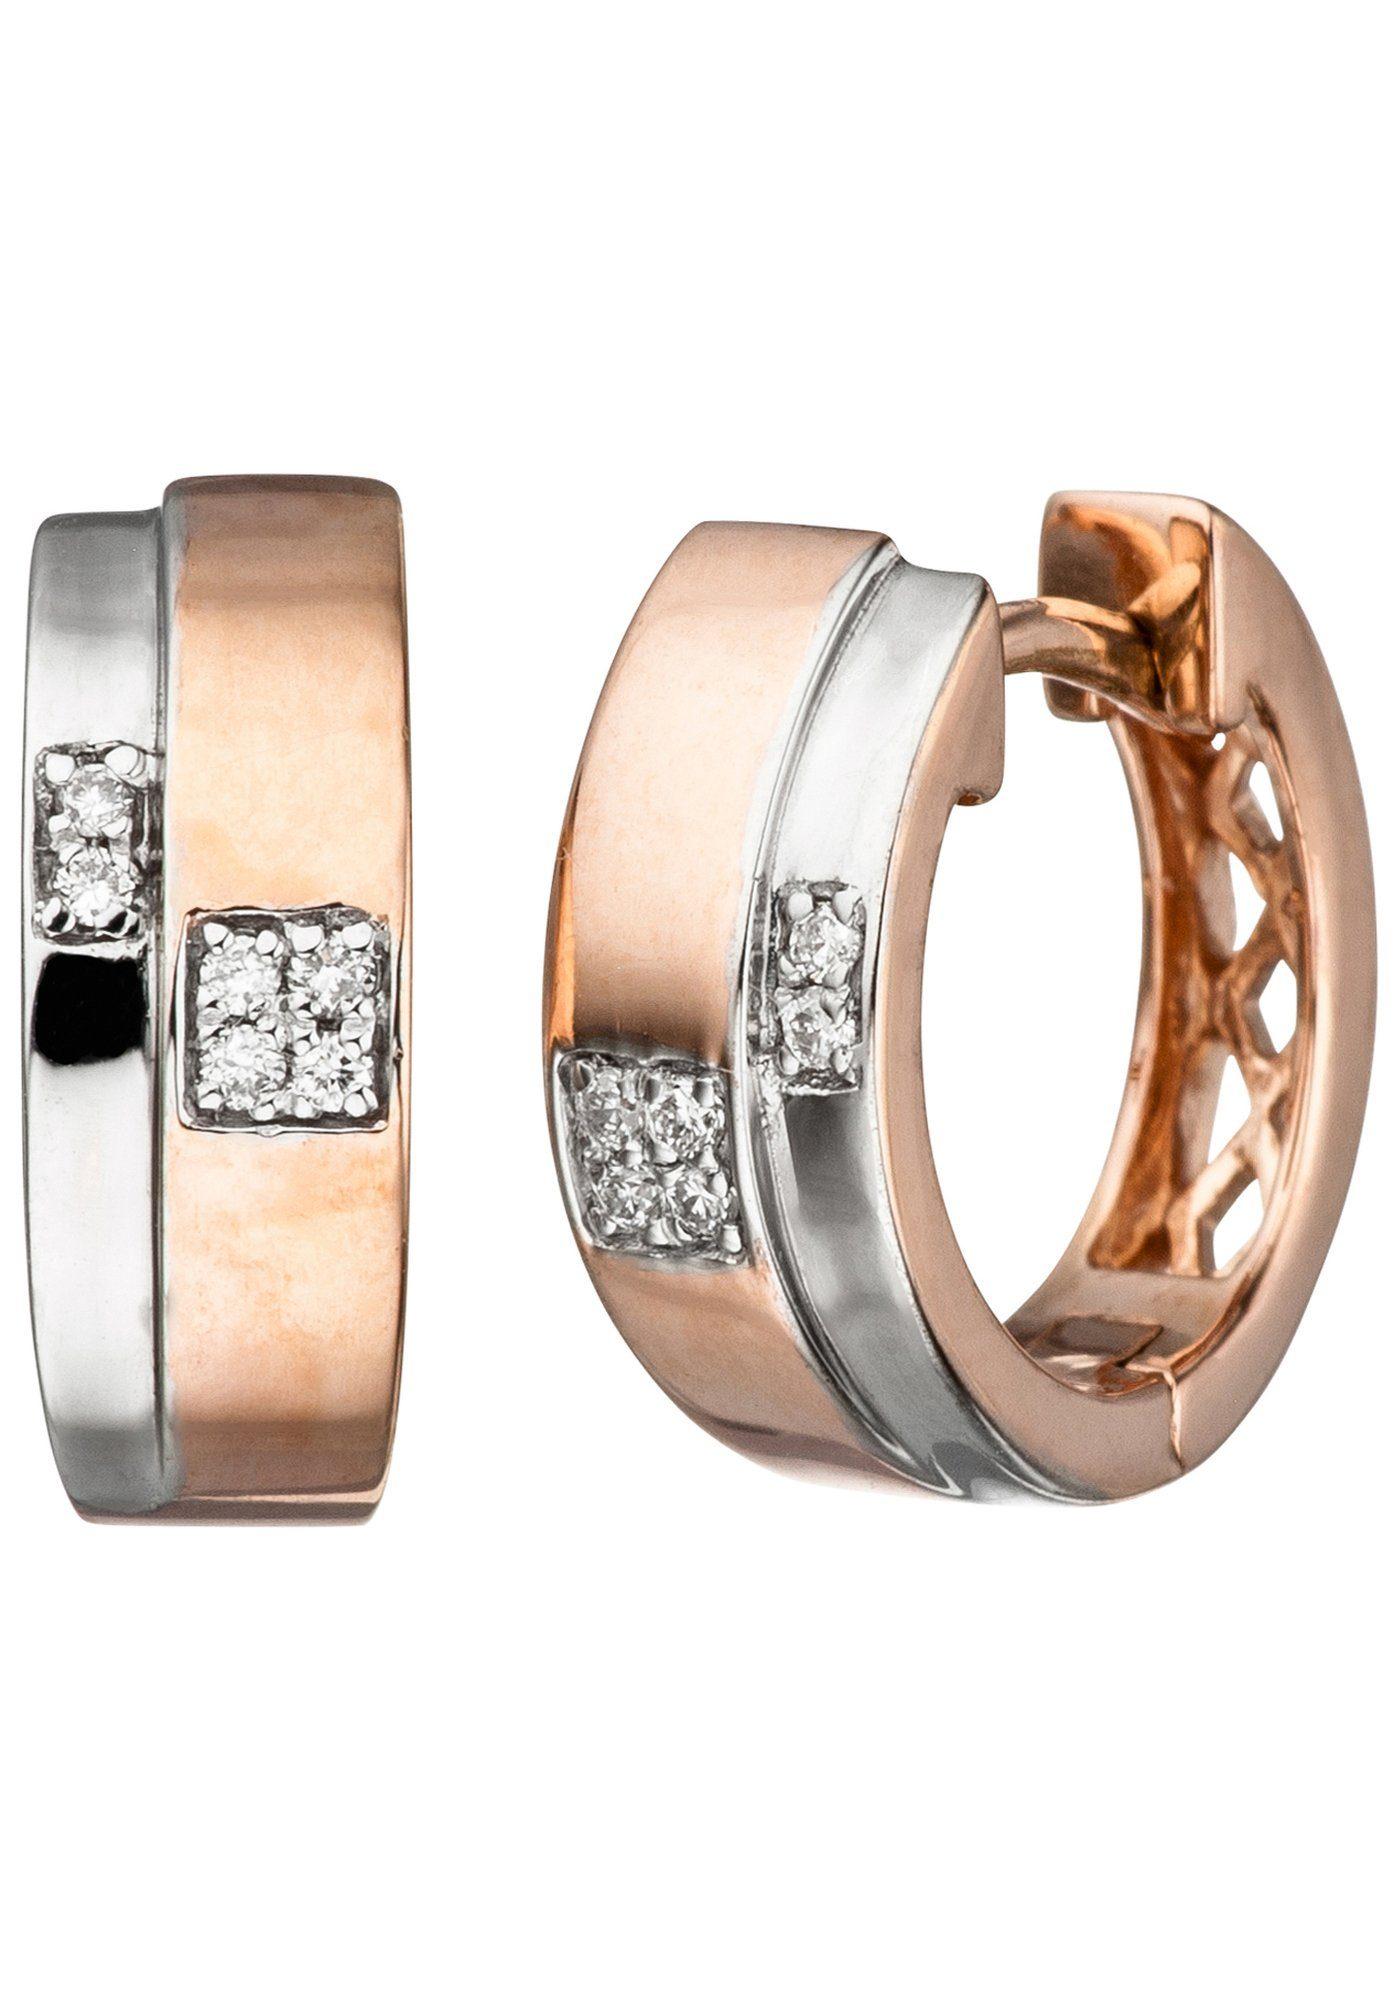 JOBO Paar Creolen 585 Roségold bicolor mit 12 Diamanten